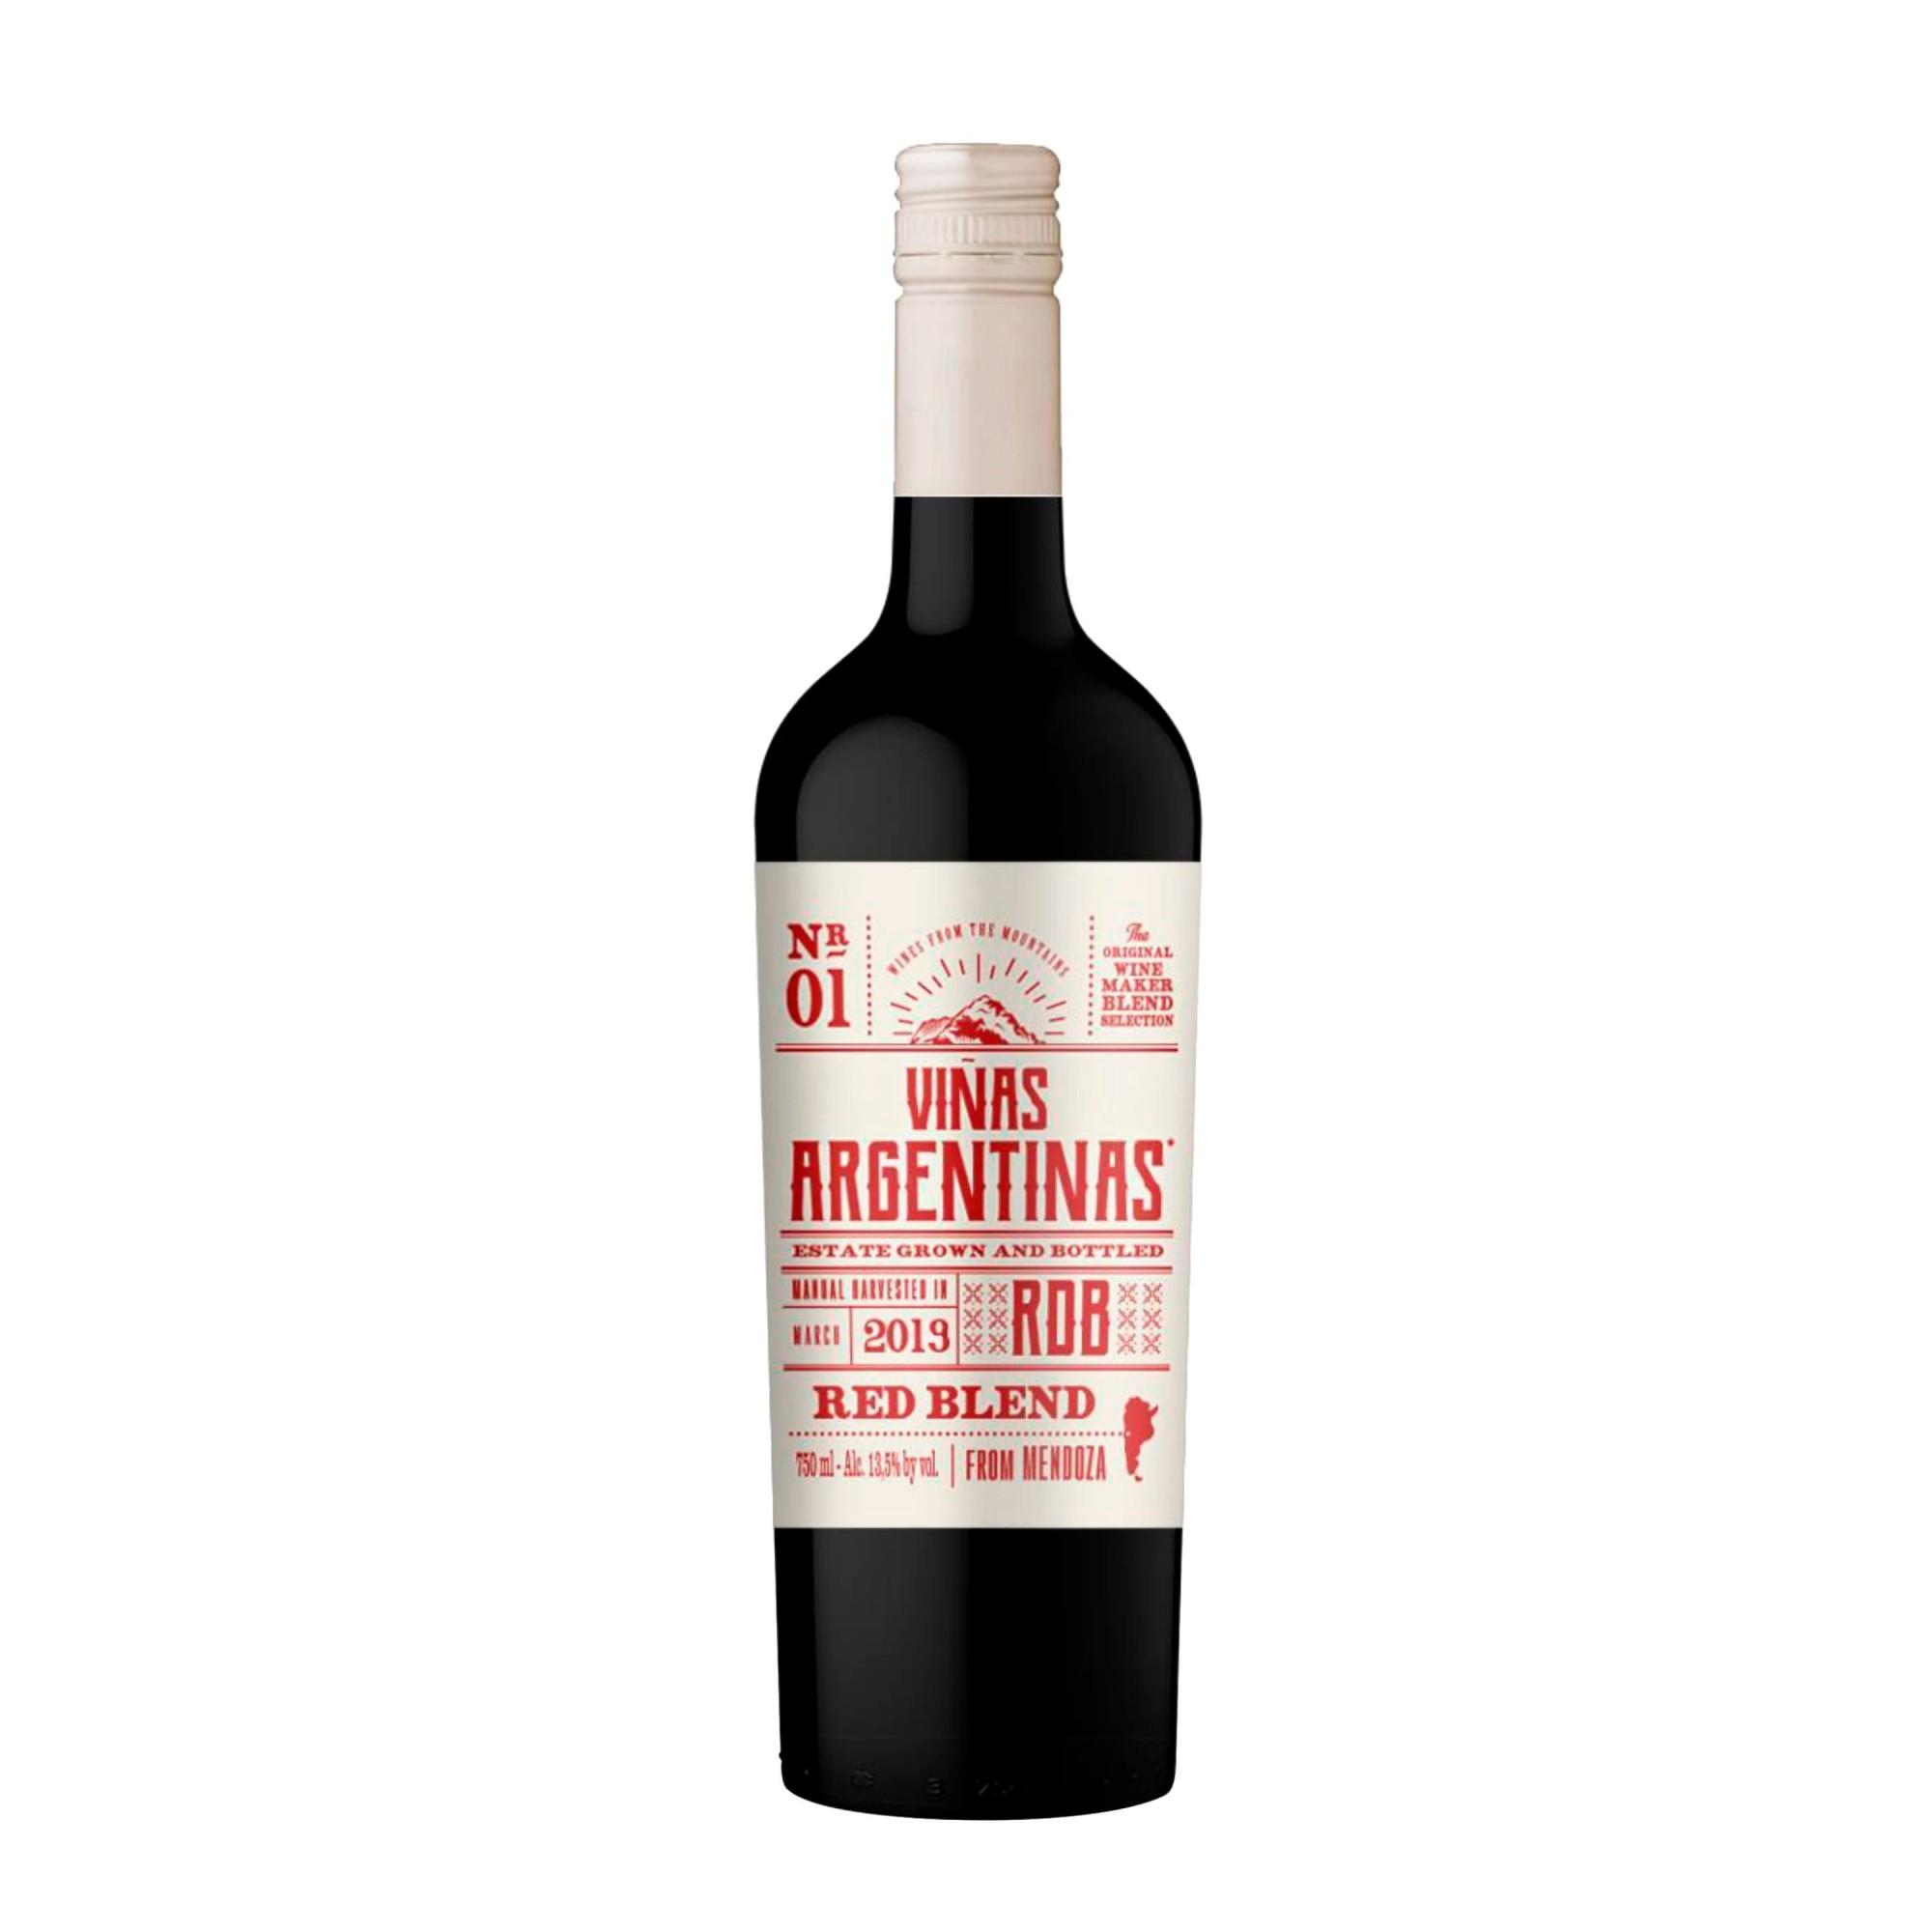 VINHO VINAS ARGENTINAS RED BLEND 750